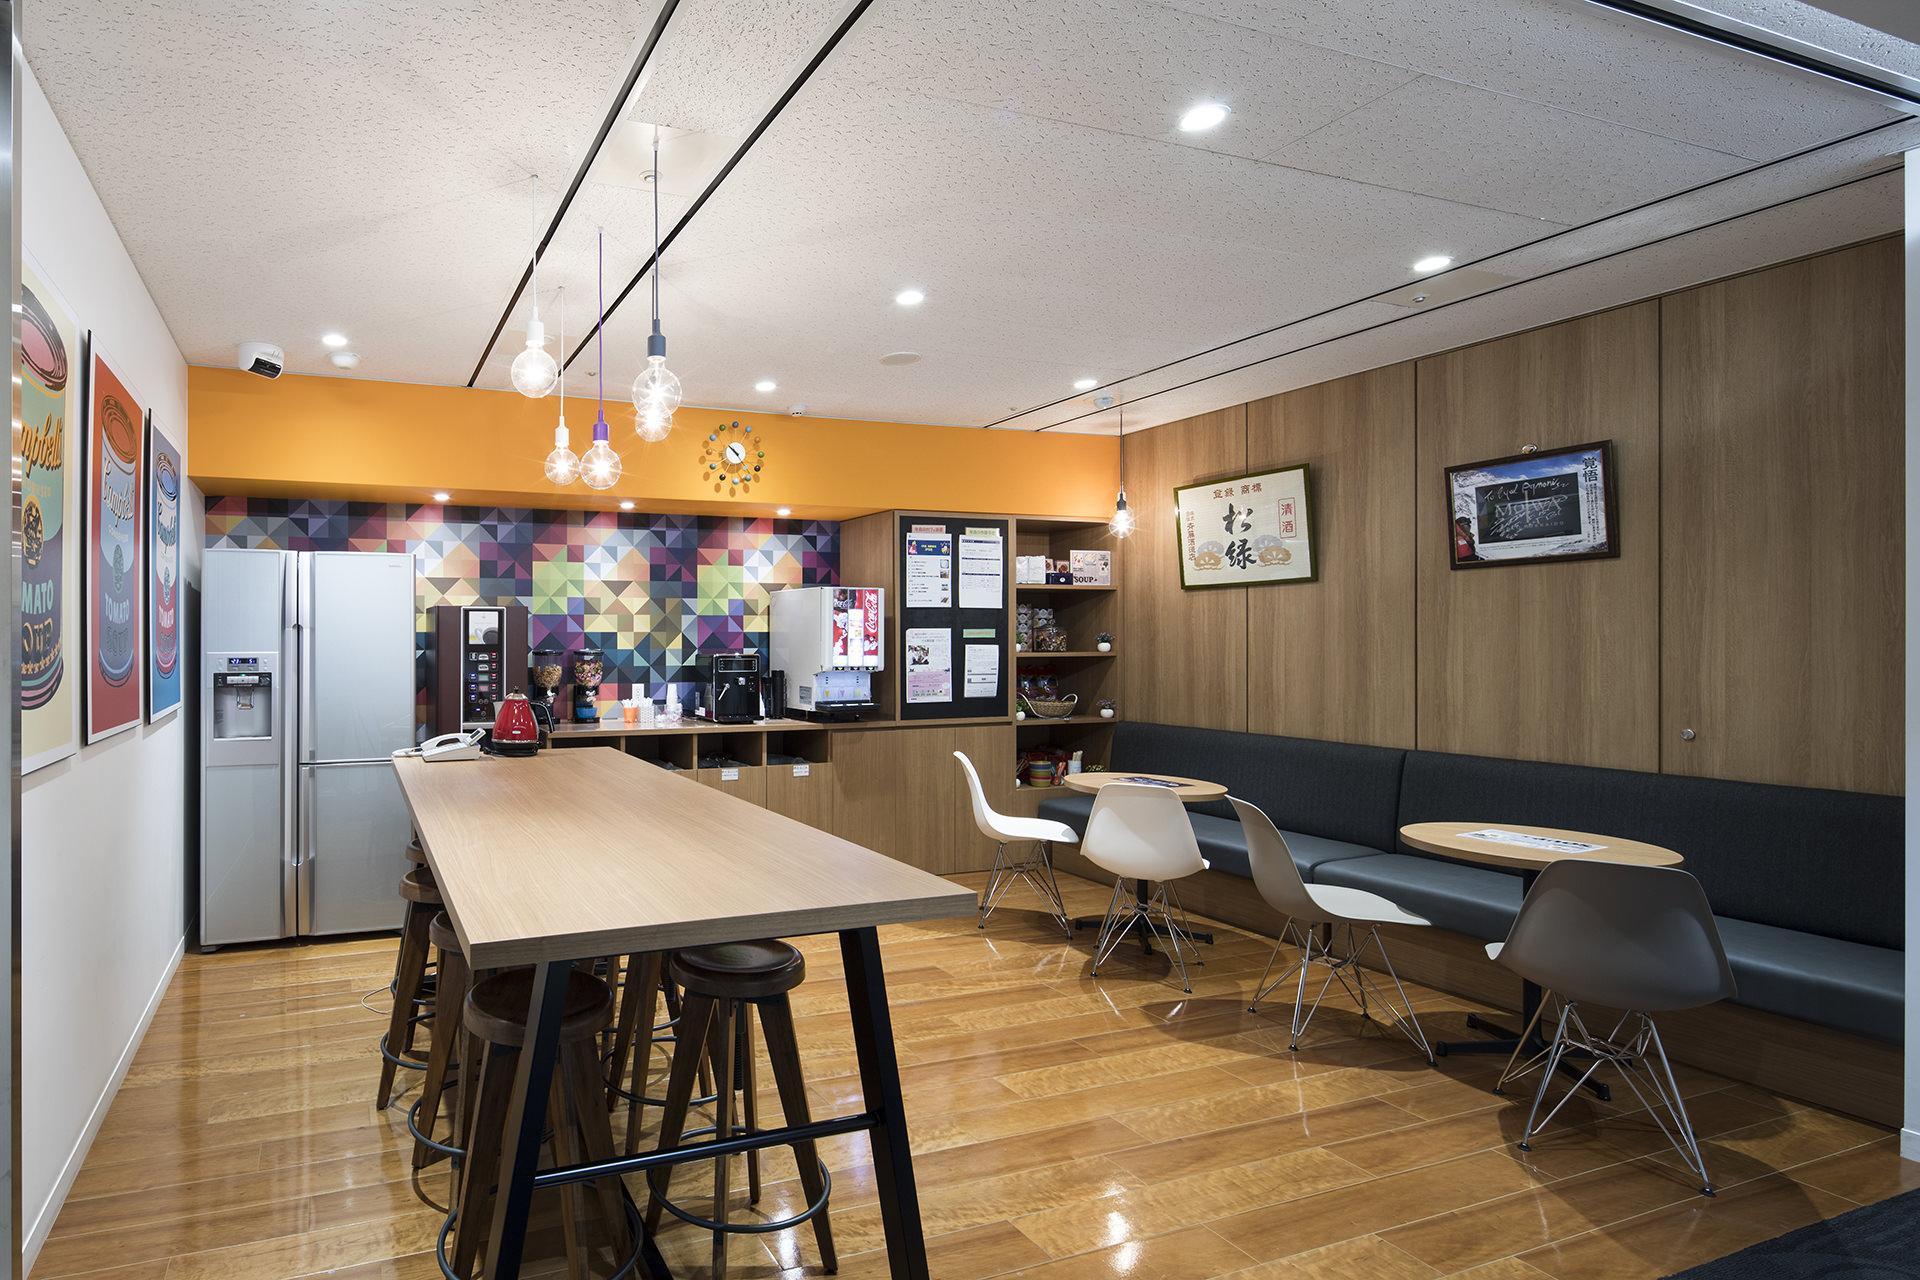 兼松ビルディング 撮影イメージ15 撮影:東涌写真事務所・東涌宏和